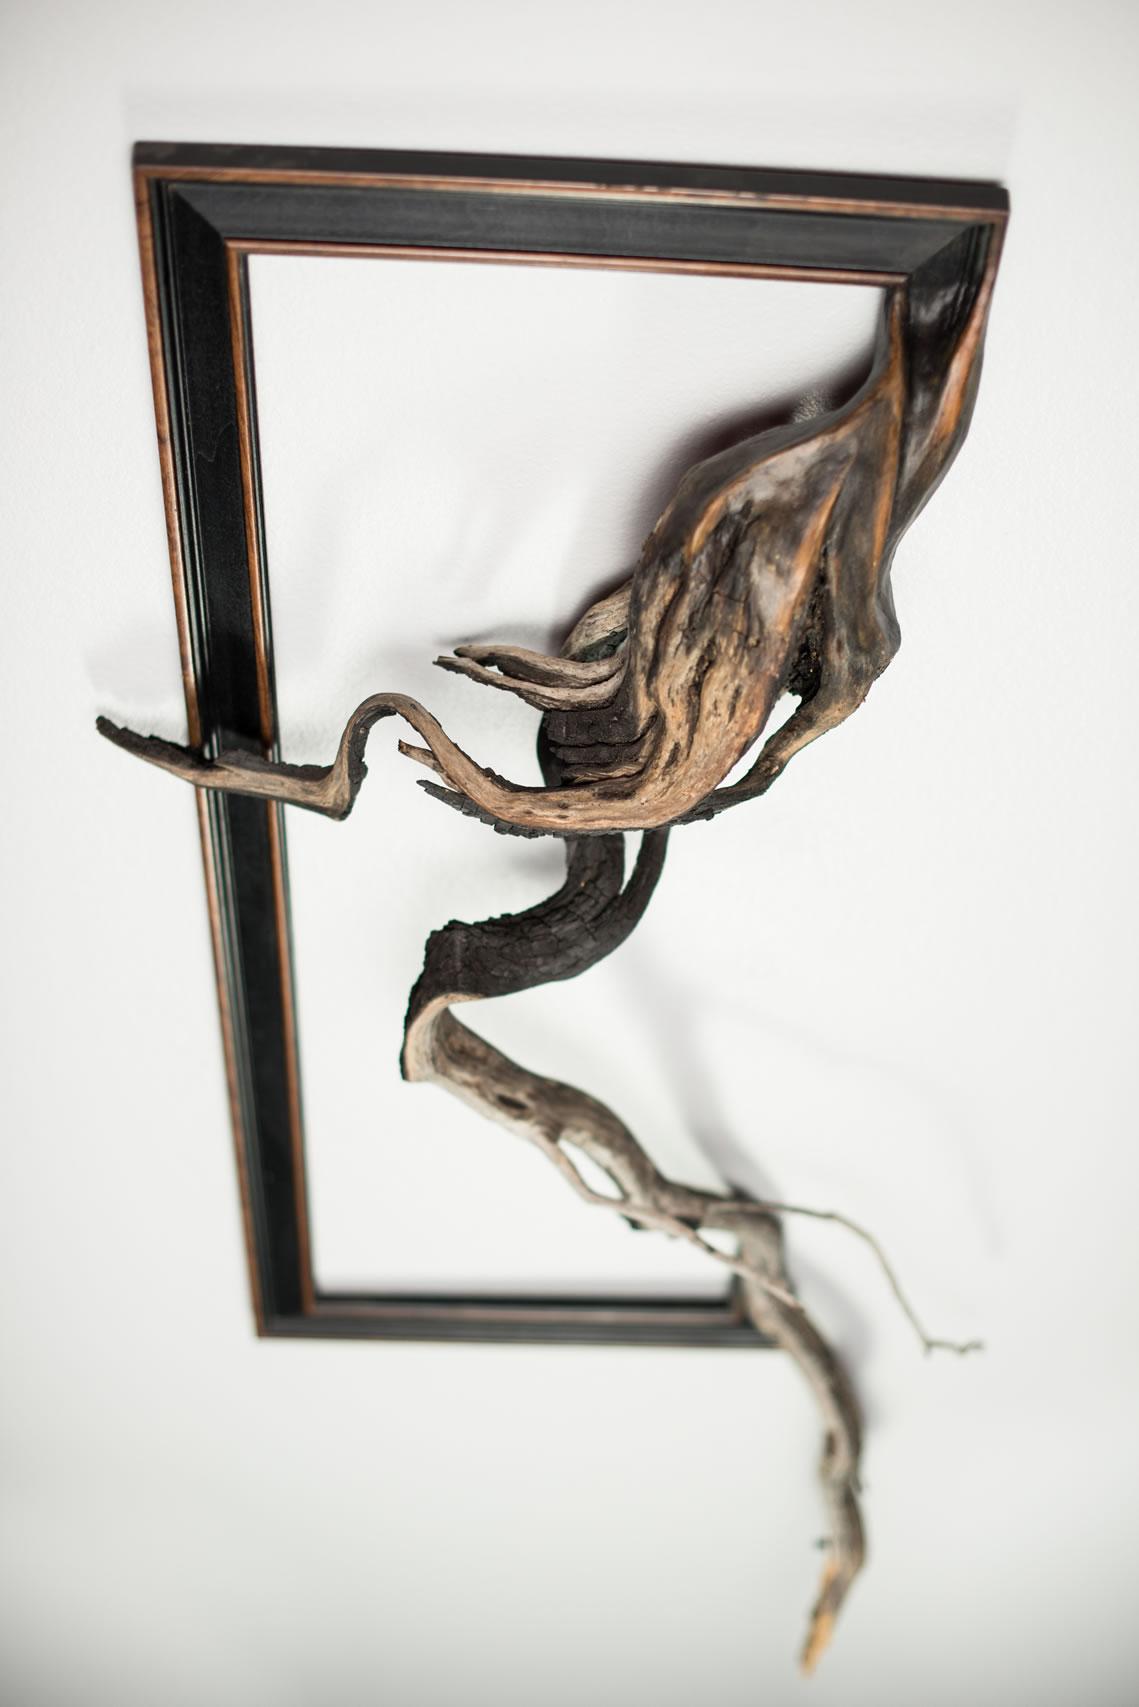 Fusion Frames by Darryl Cox